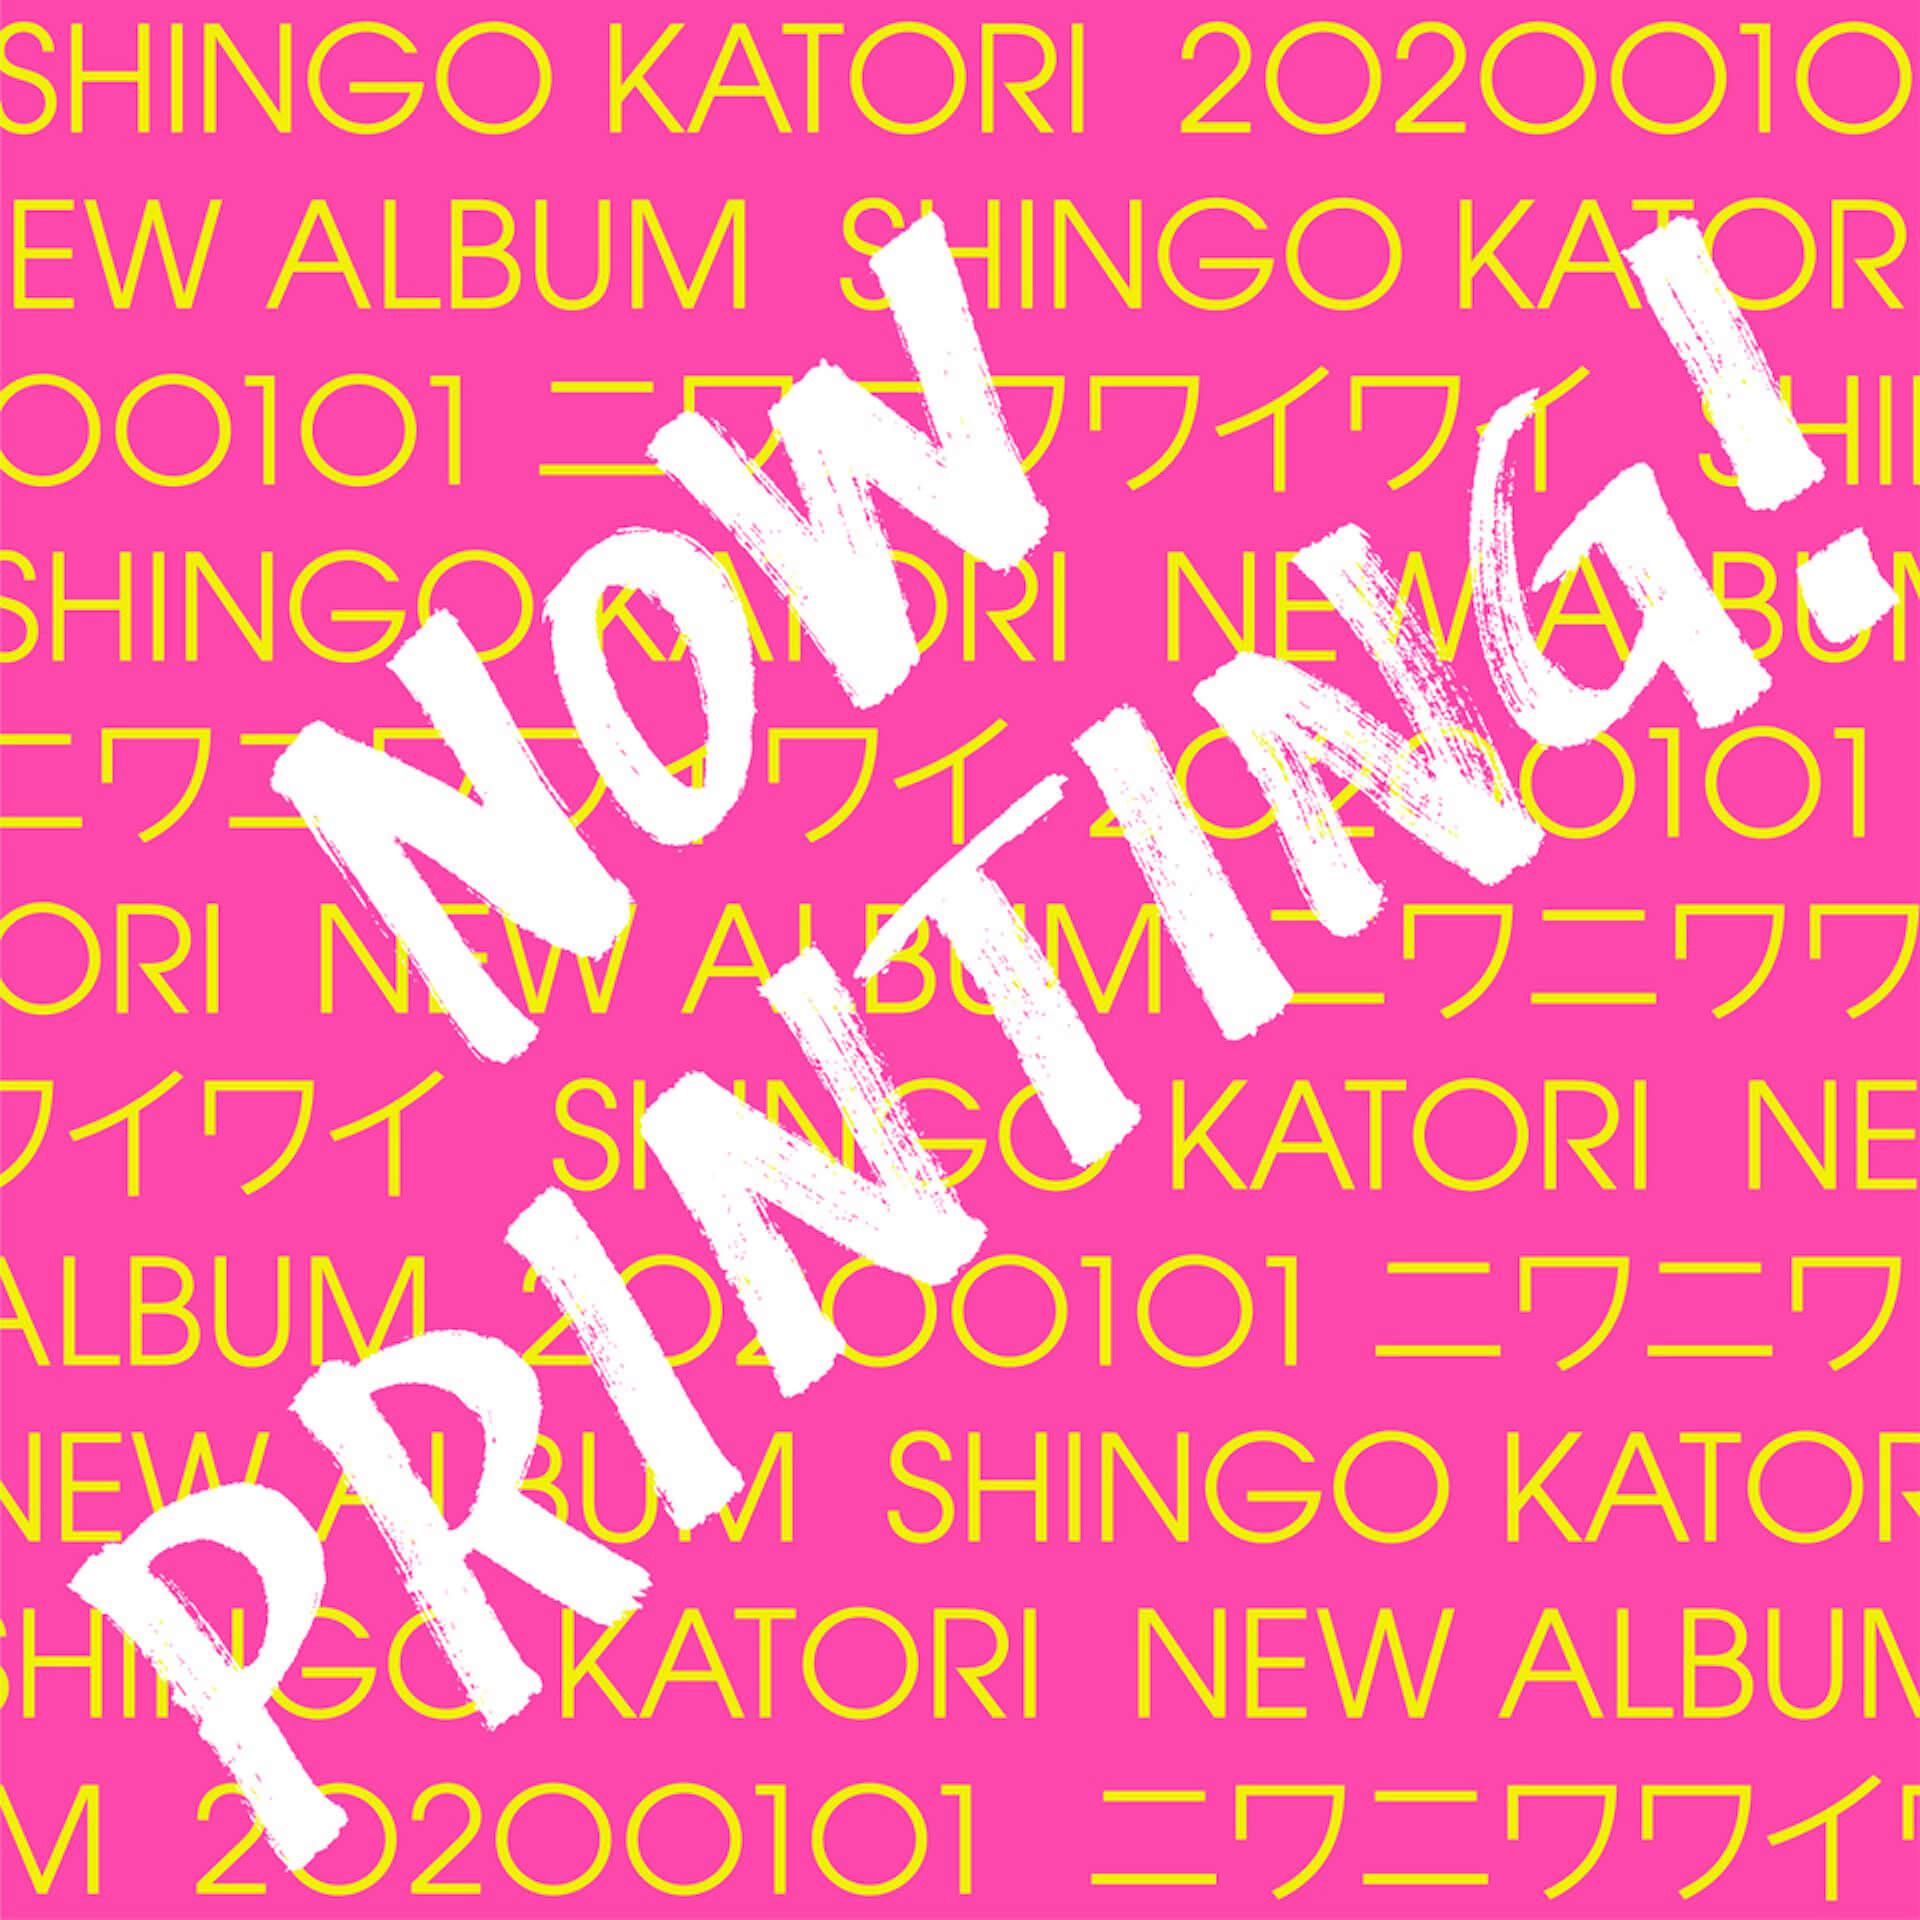 香取慎吾がBiSH、スチャダラ、WONK、yahyelなどとコラボしたアルバム『20200101』リリース決定! music191101_katorishingo_album_1